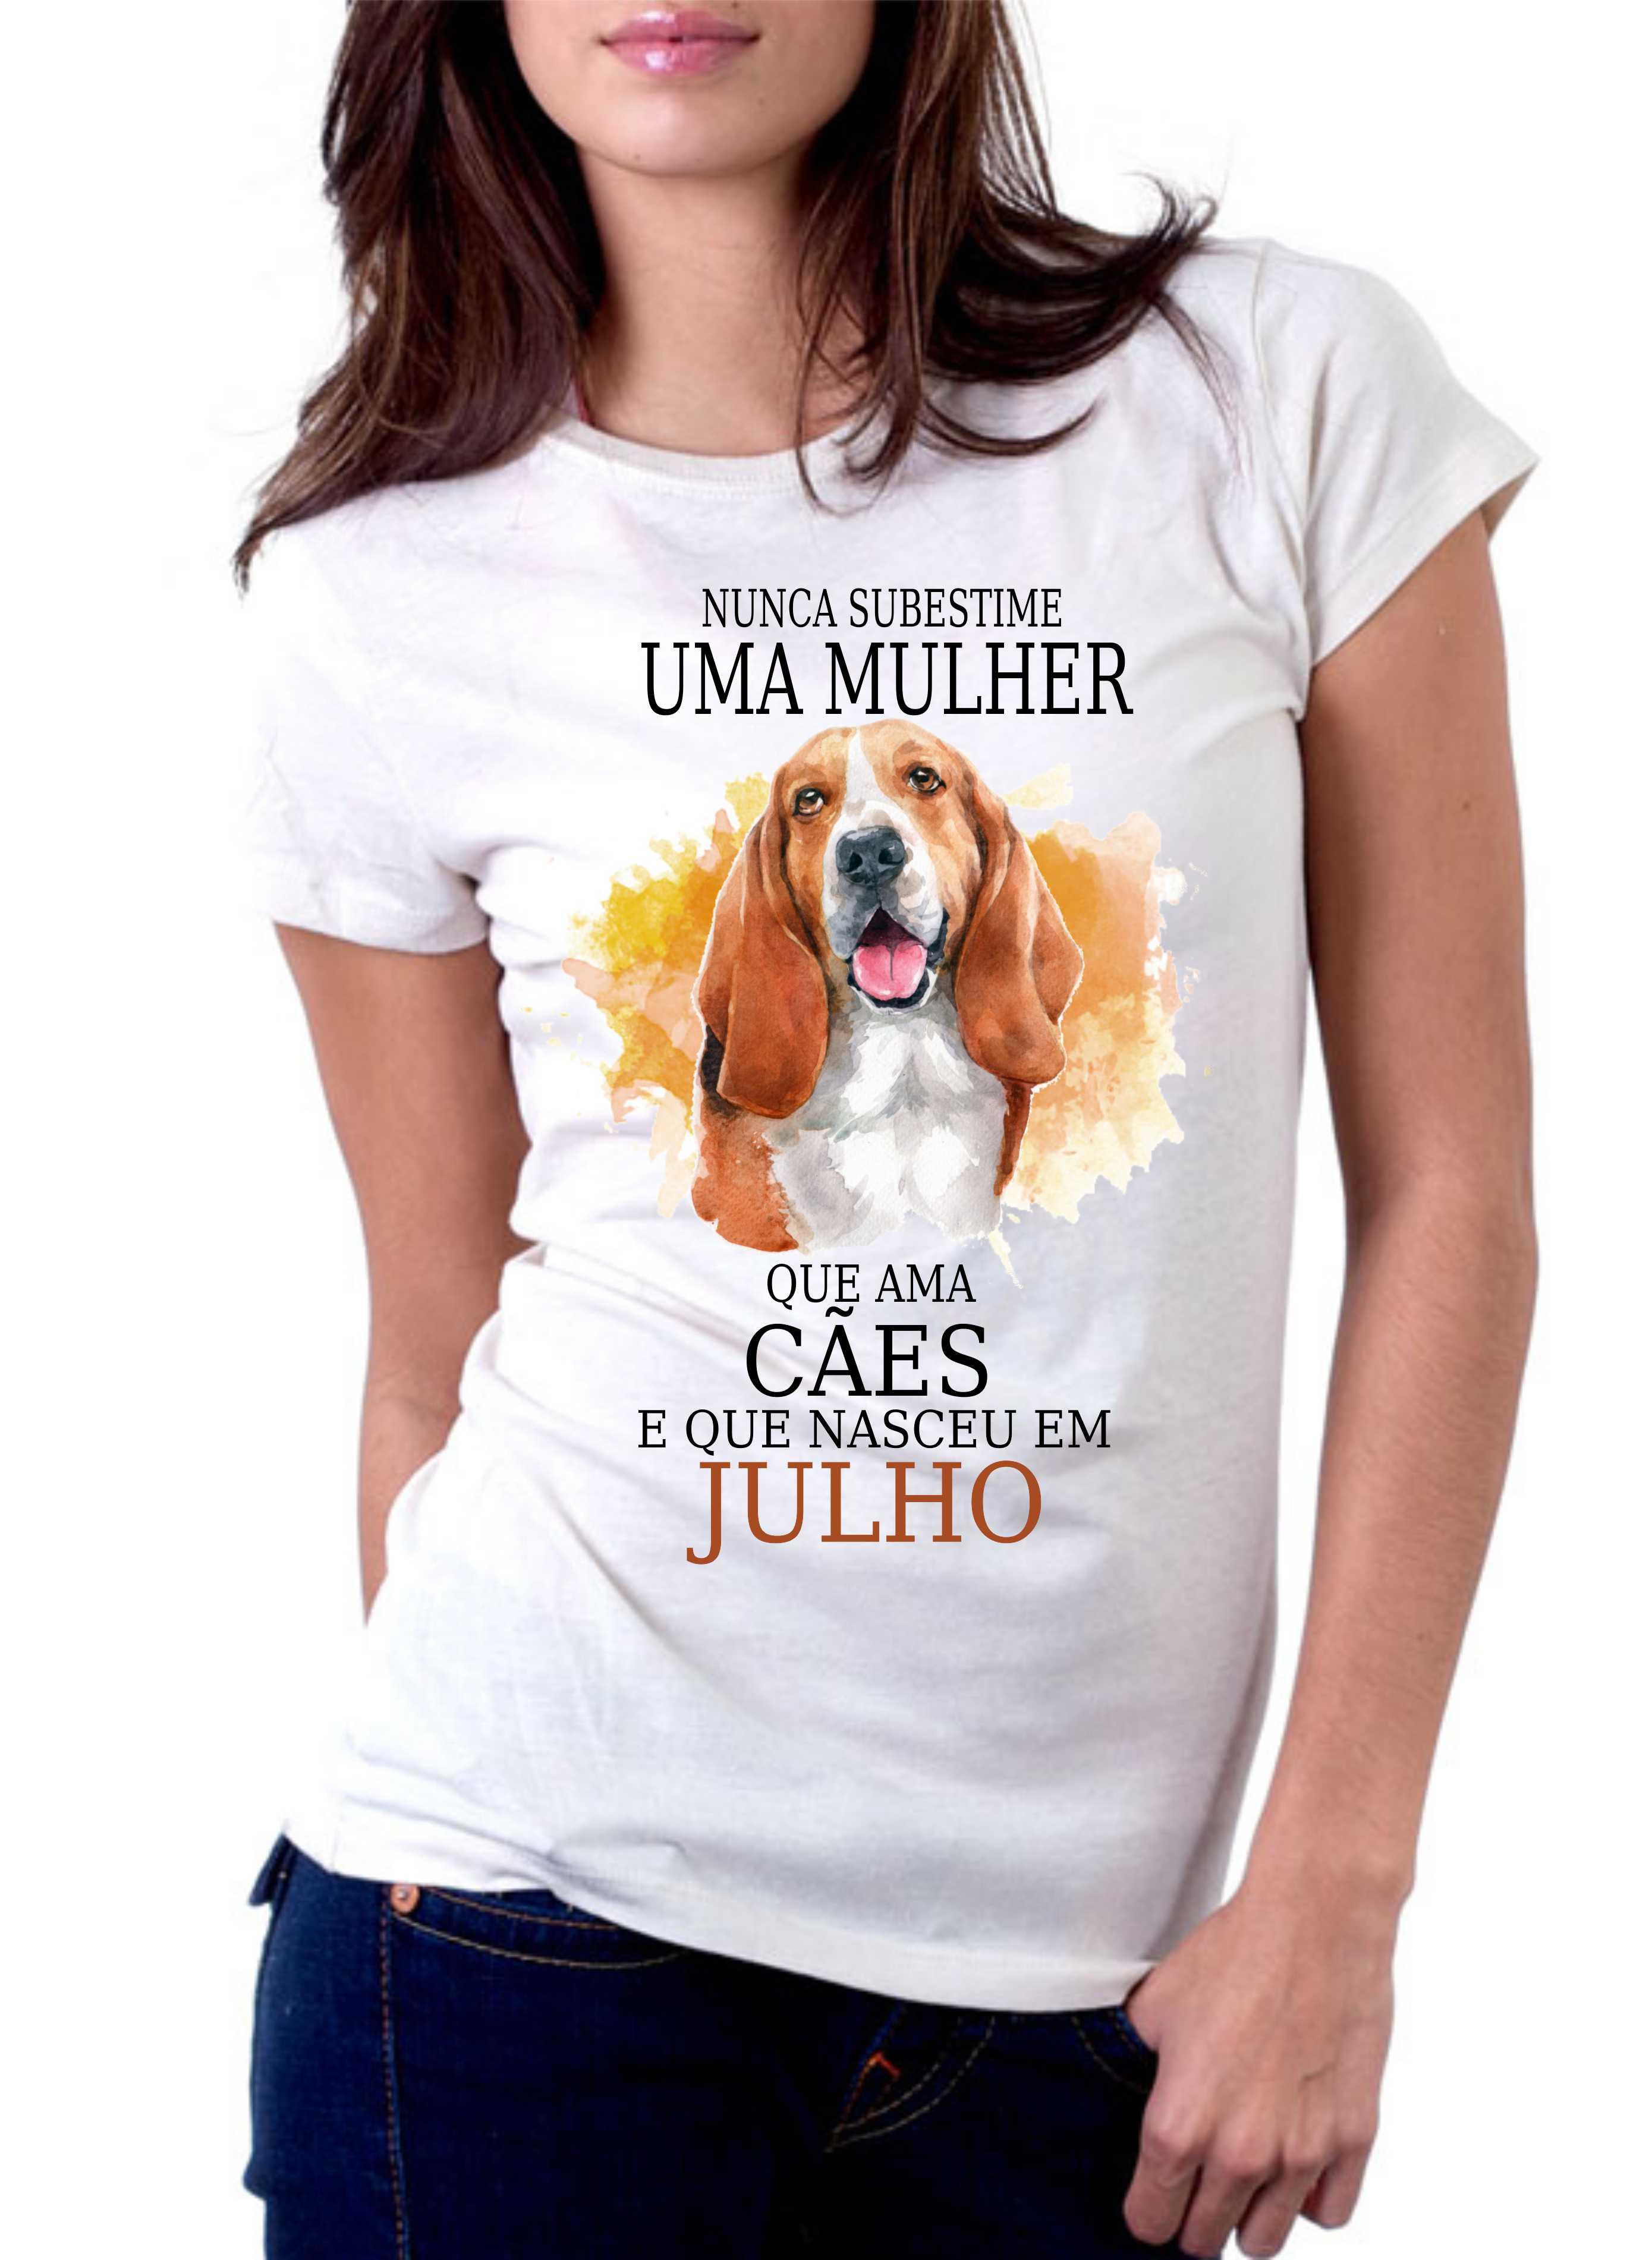 Camsieta Nunca subestime uma mulher que ama cães